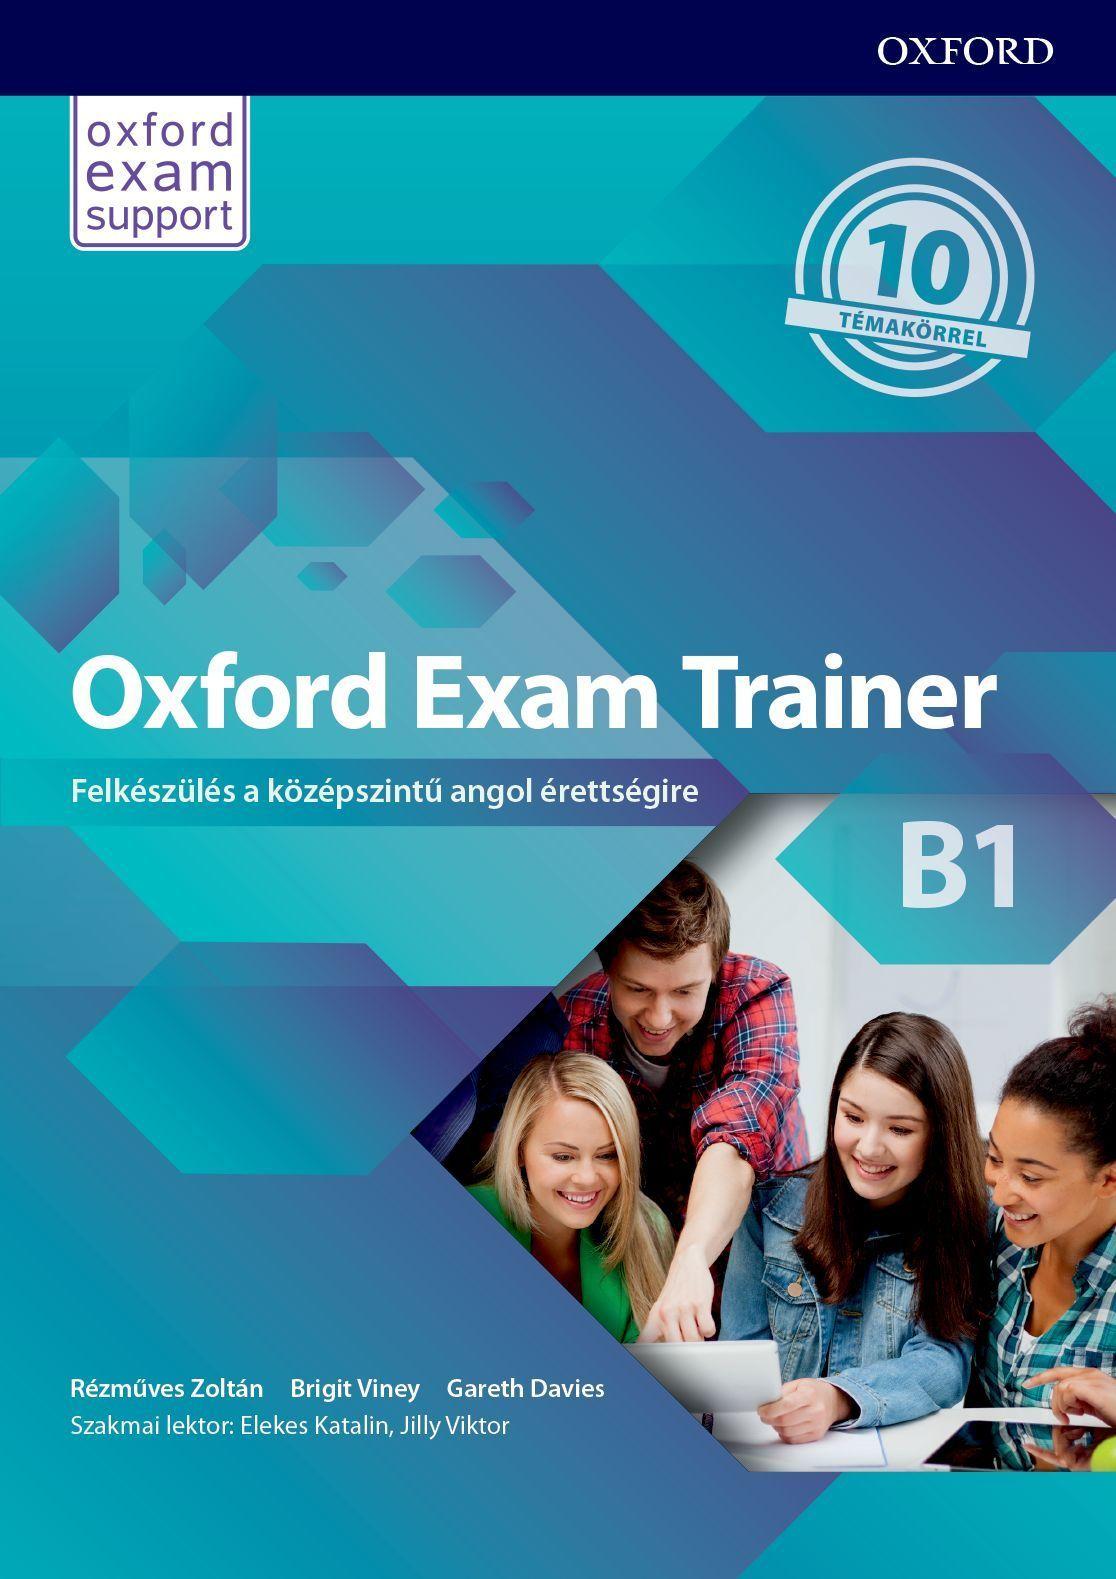 Oxford Exam Trainer - Felkészülés az érettségire